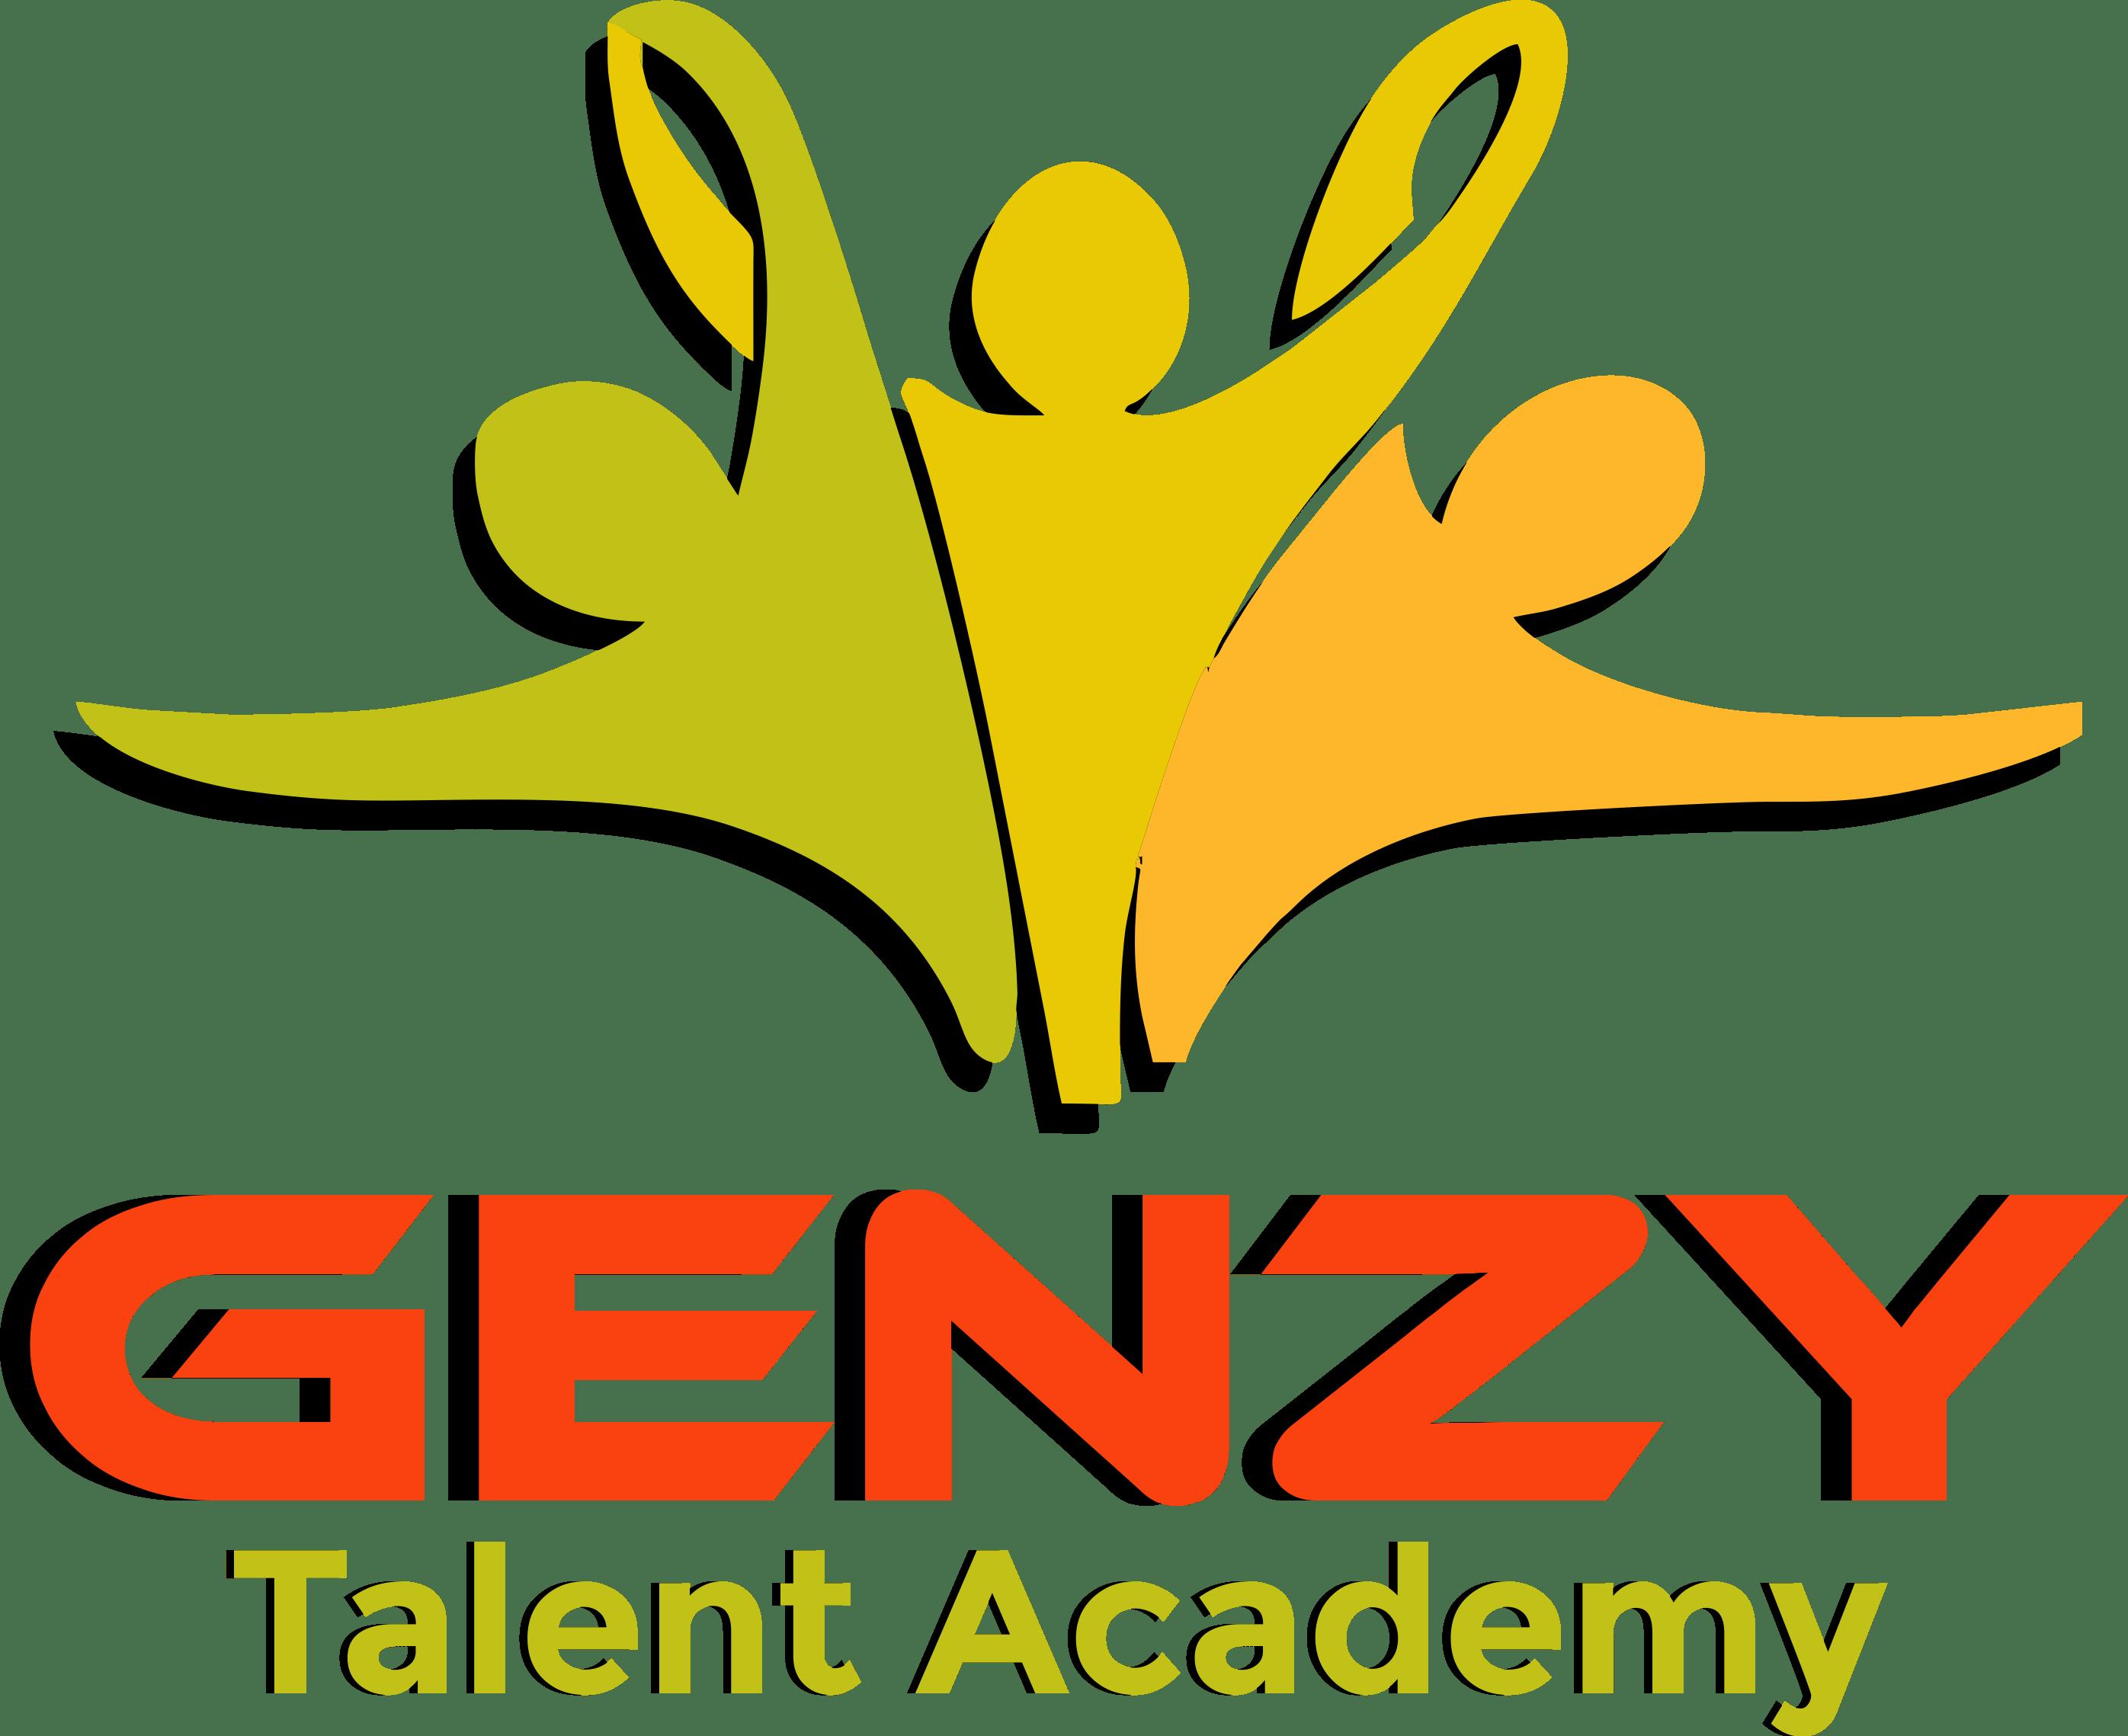 Genzy Talent Academy